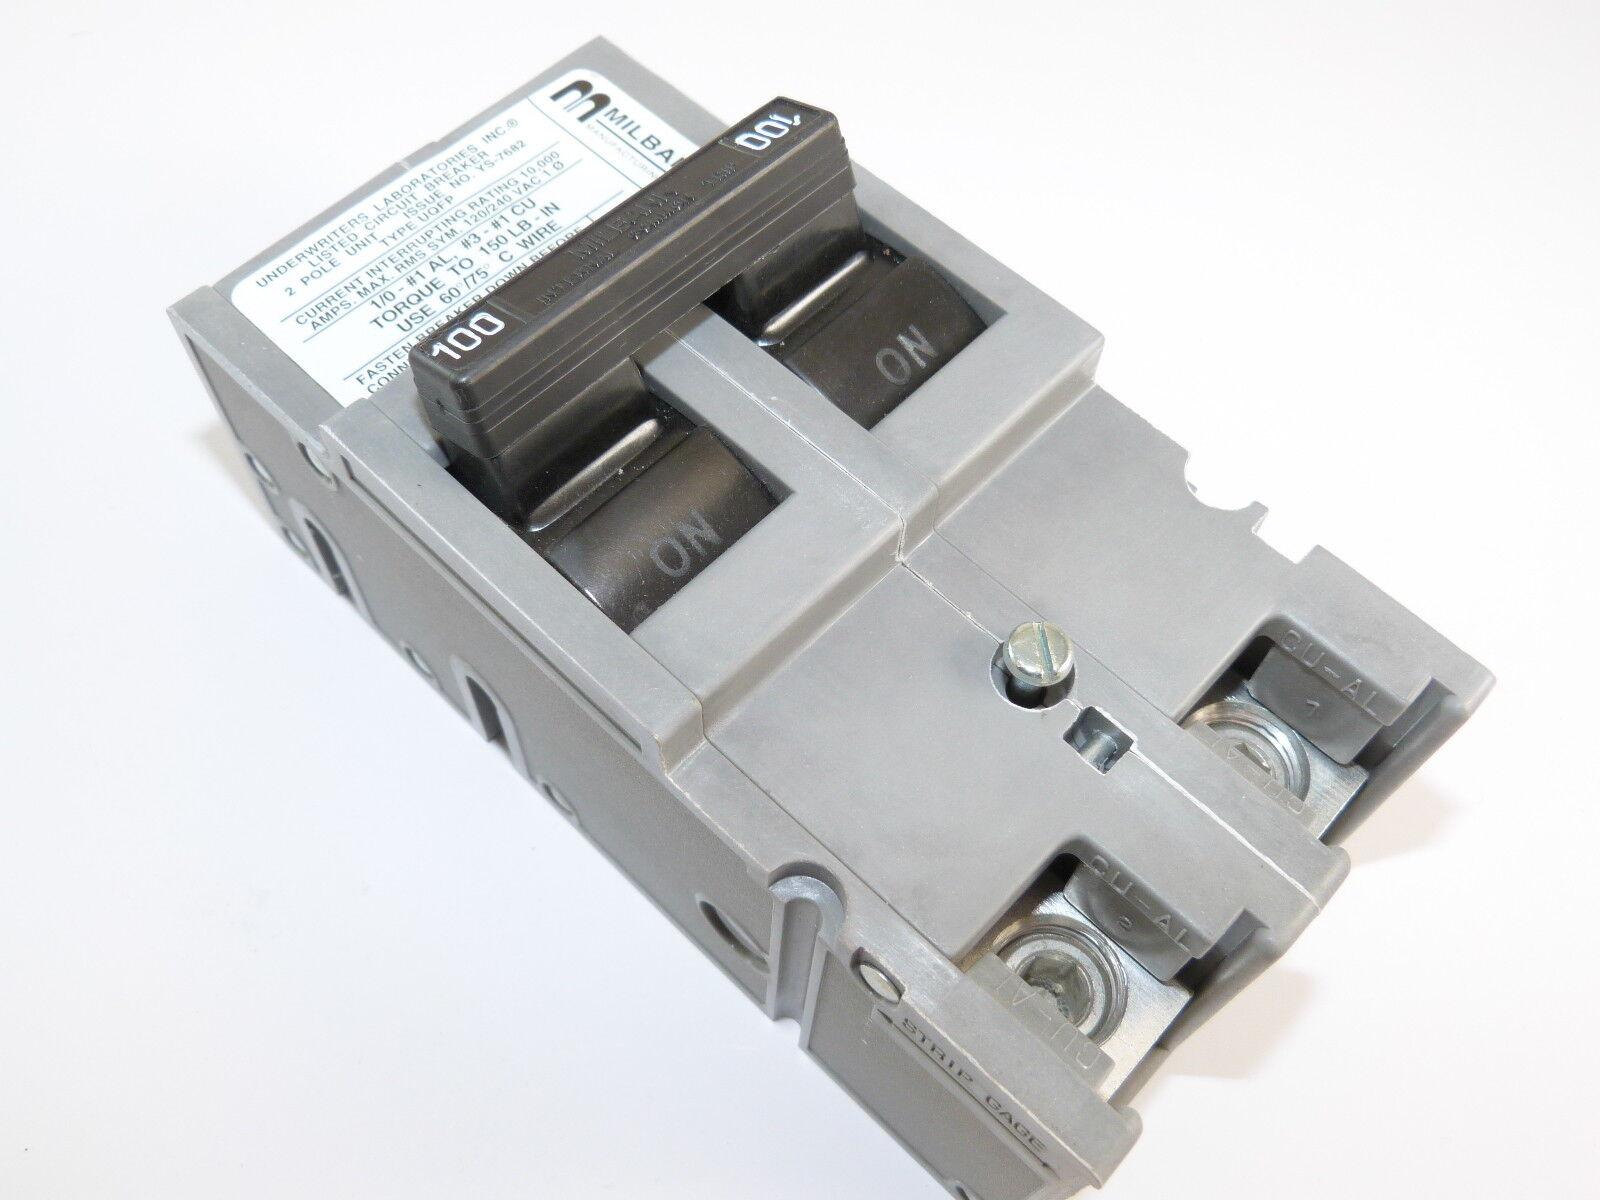 Milbank Uqfp 100 Amp 2 Pole Circuit Breaker Ebay 20a Afci Chfcaf120neweggcom Item 2p 100a 120 240v New 1 Yr Warranty